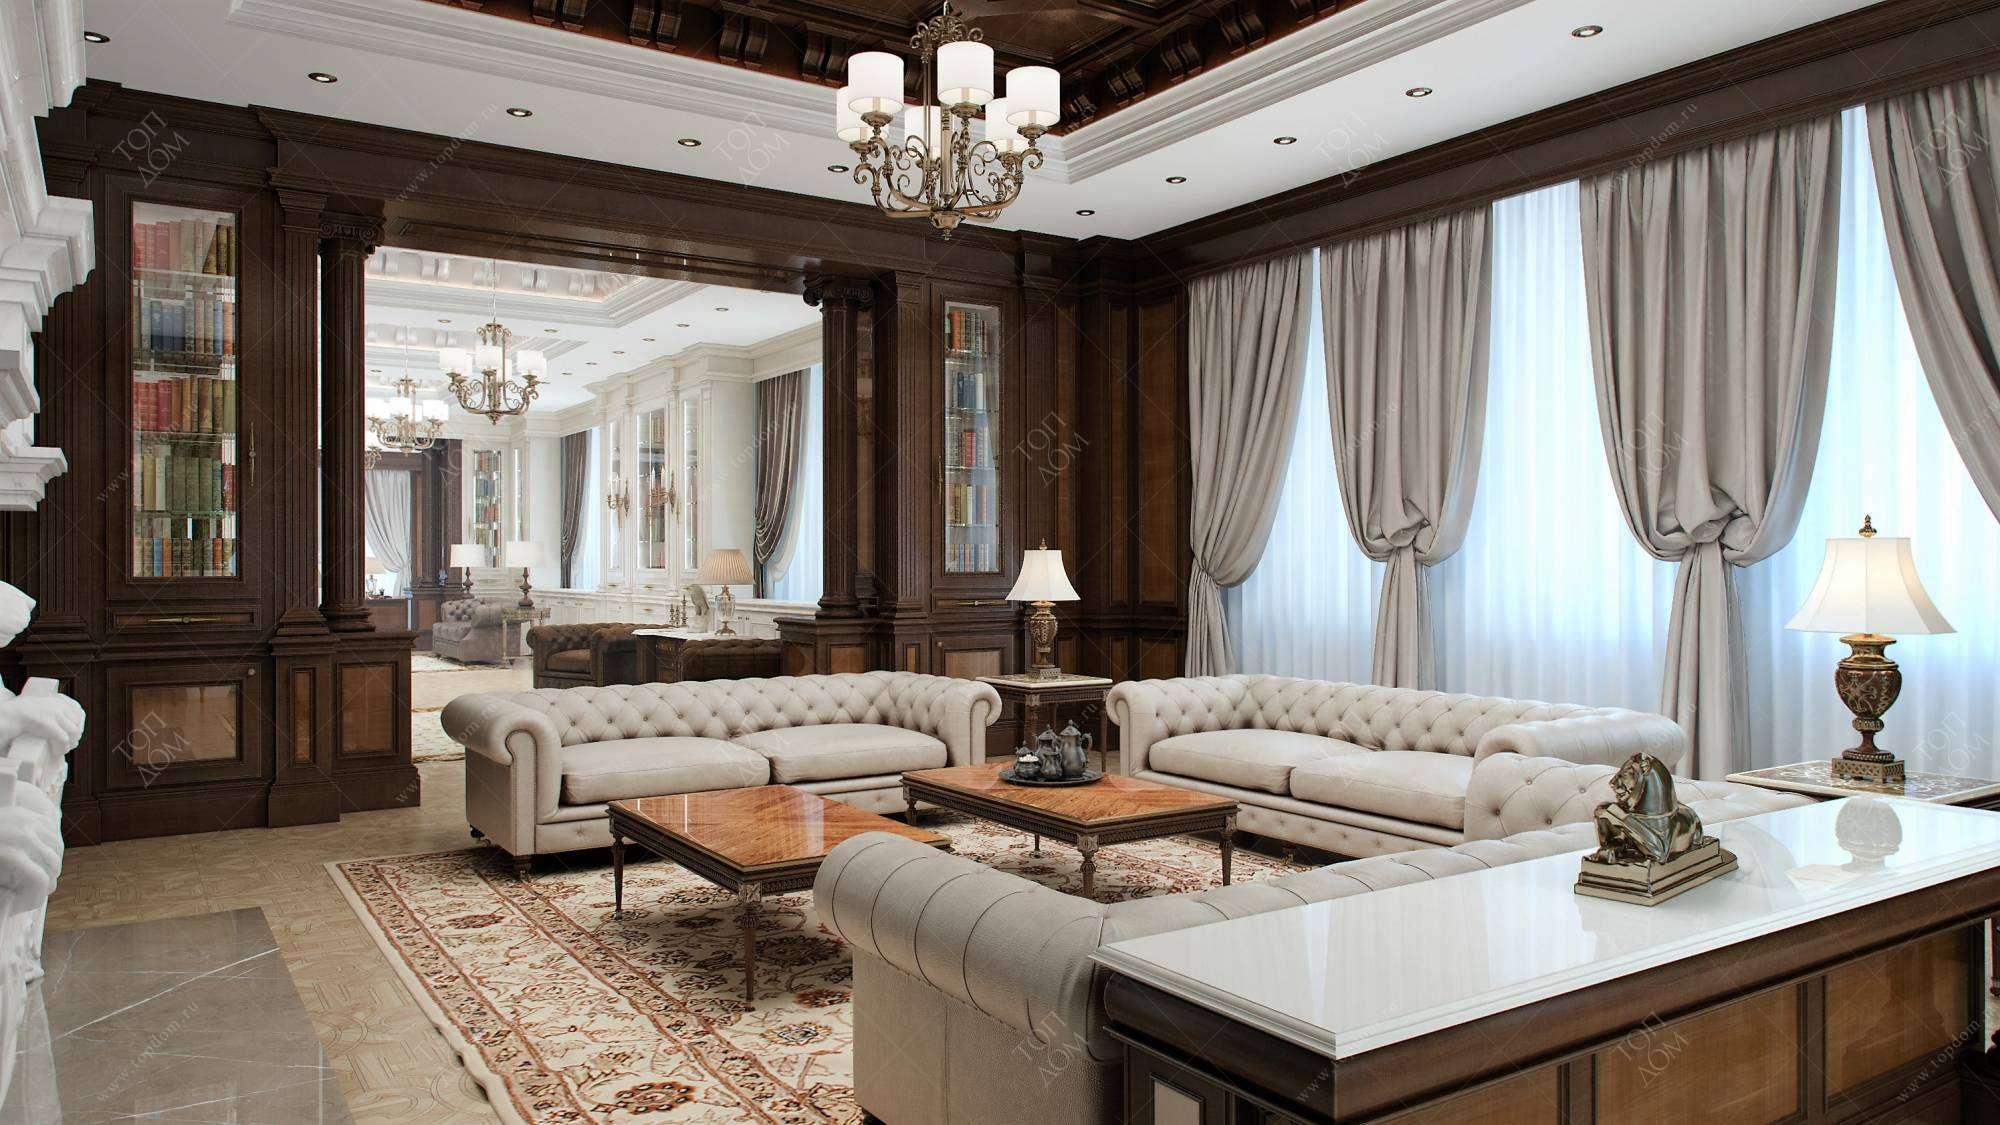 Гостиная комната, Какую заказать мебель если делать перестановки, и менять назначение